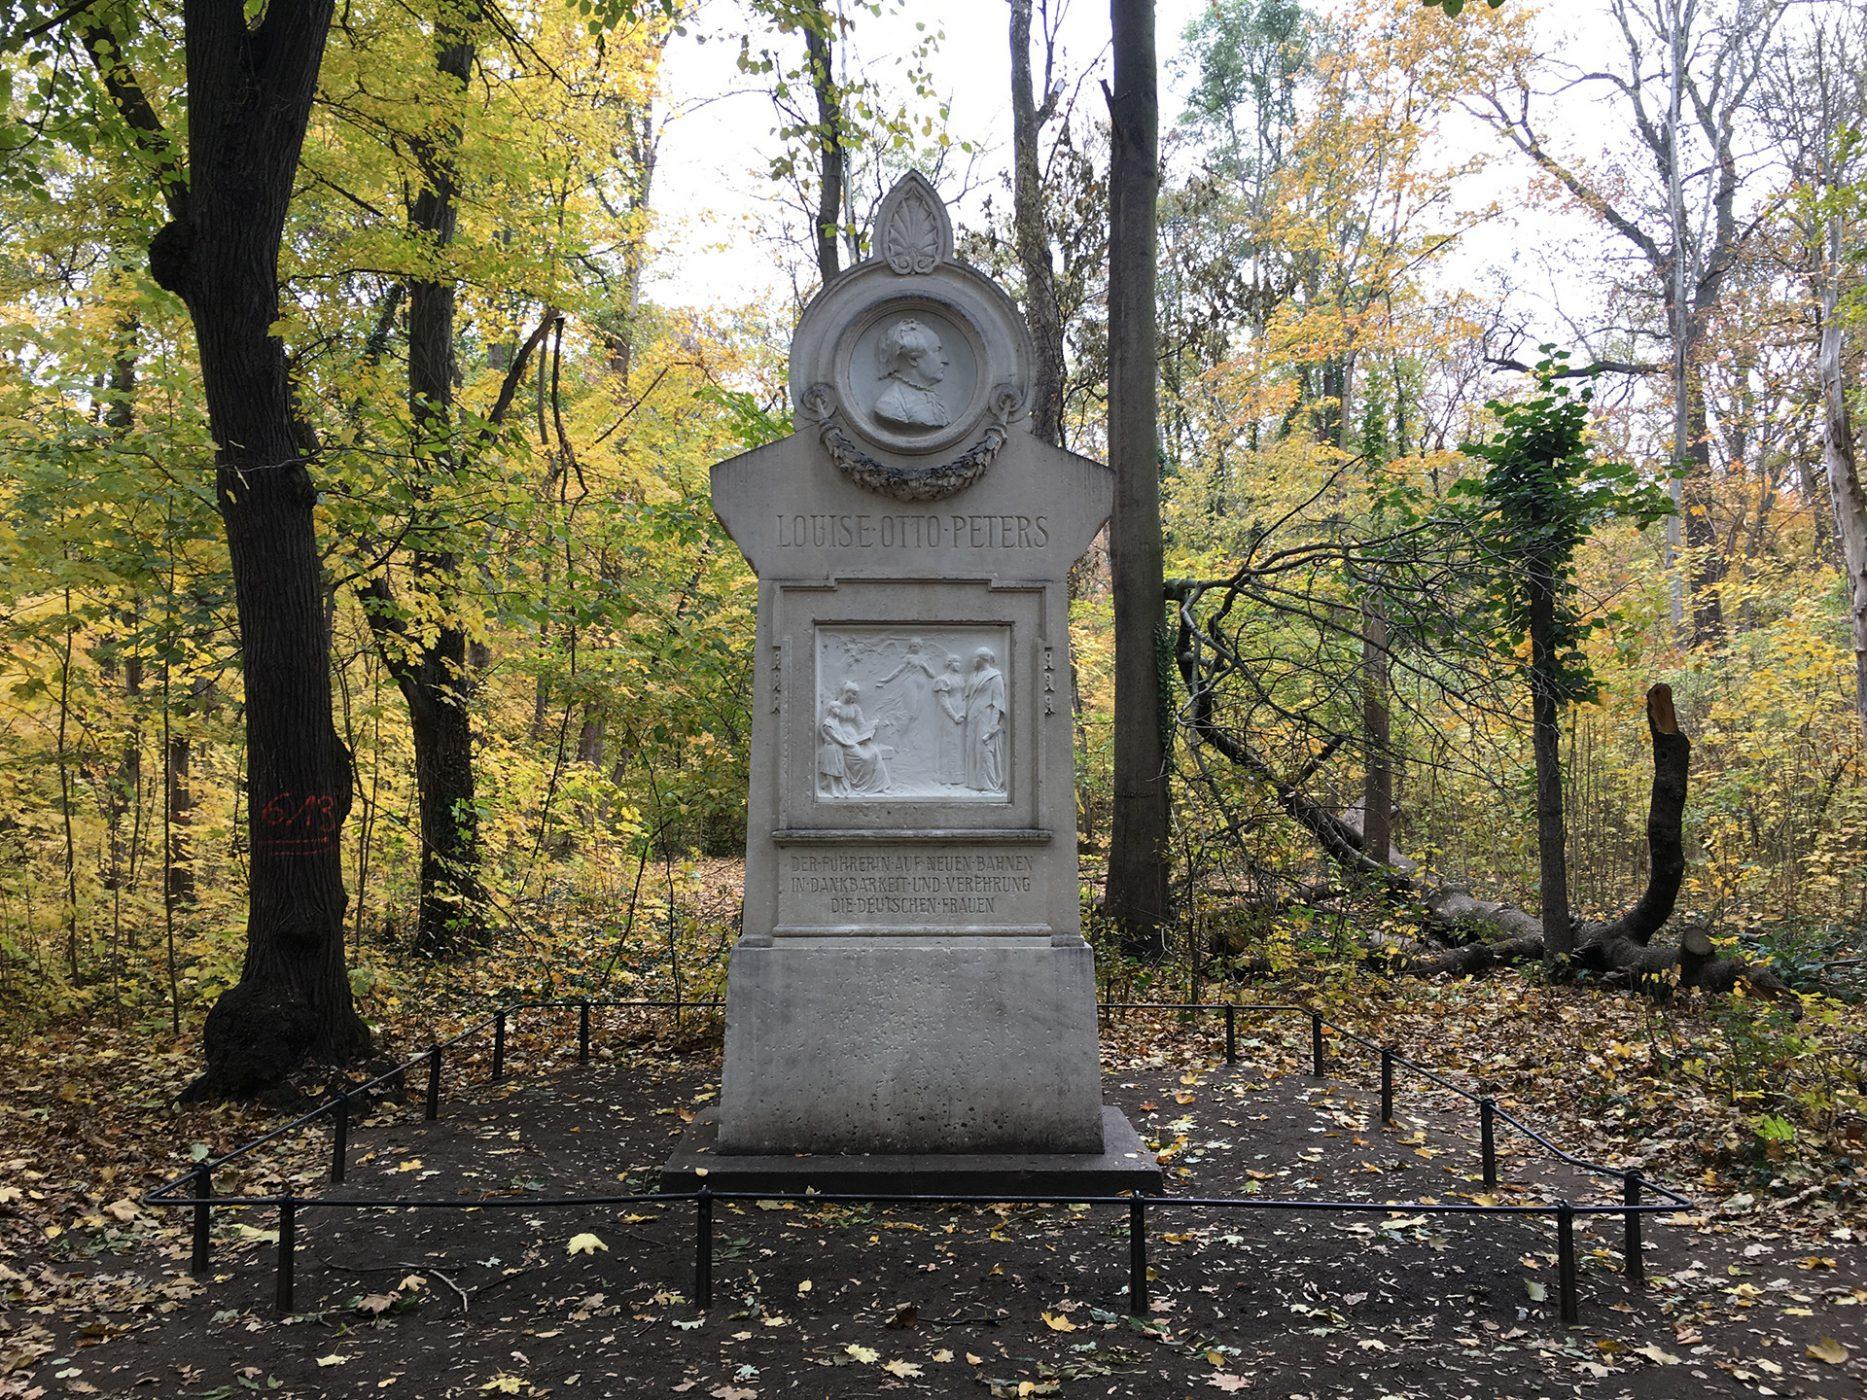 Das Louise-Otto-Peters-Denkmal wurde 1900 am Alten Johannisfriedhof eingeweiht und kam beim Bau des Grassimuseums ins Rosental; Foto: Maria Geißler